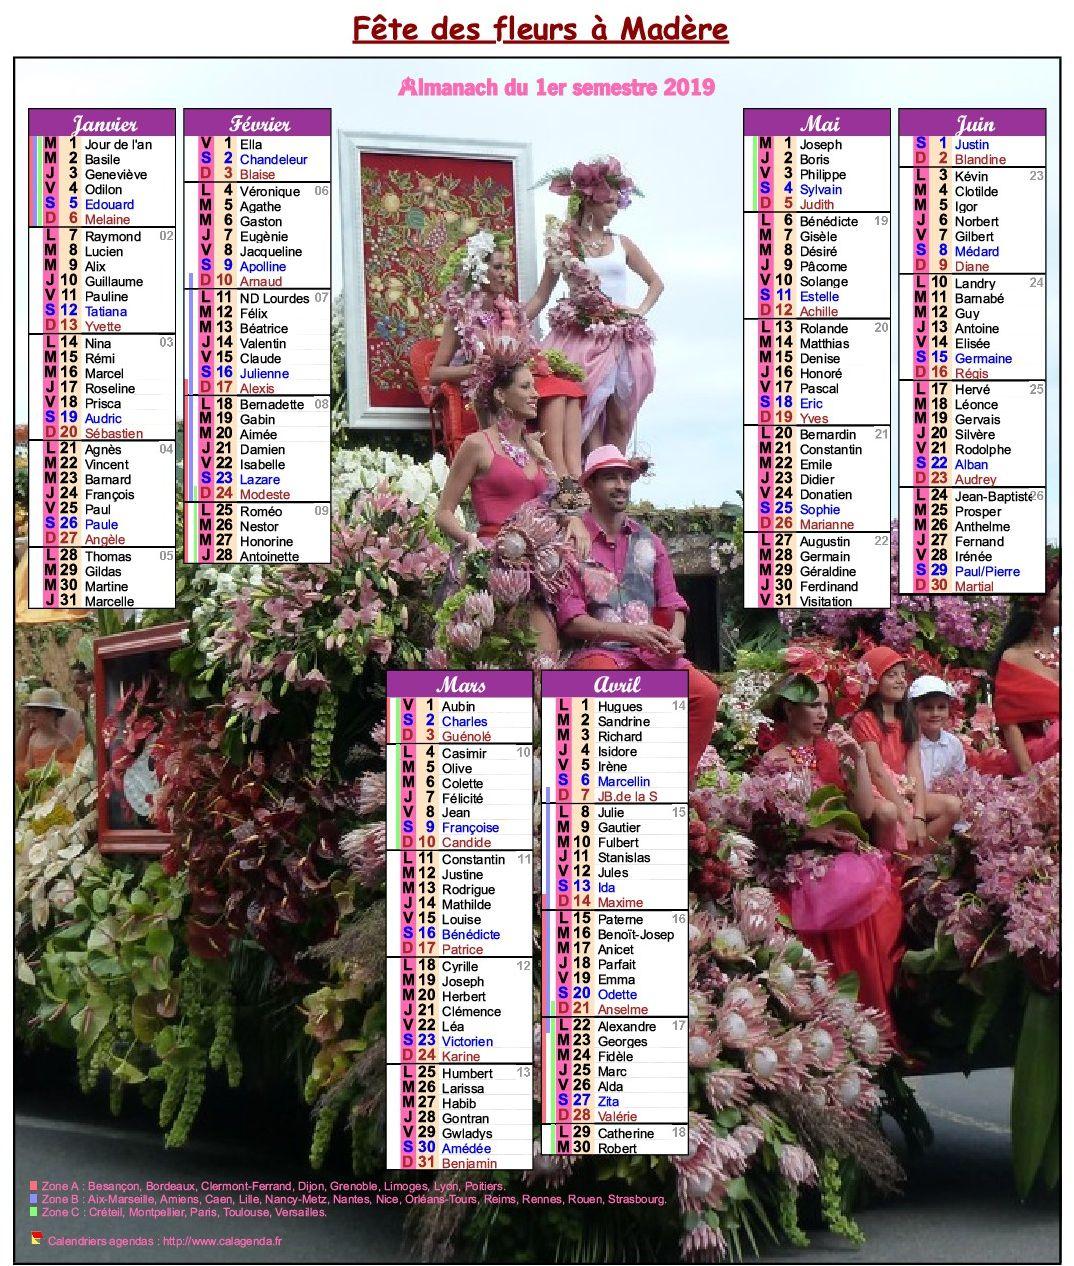 Calendrier semestriel f te des fleurs mad re - Calendrier des fleurs coupees ...